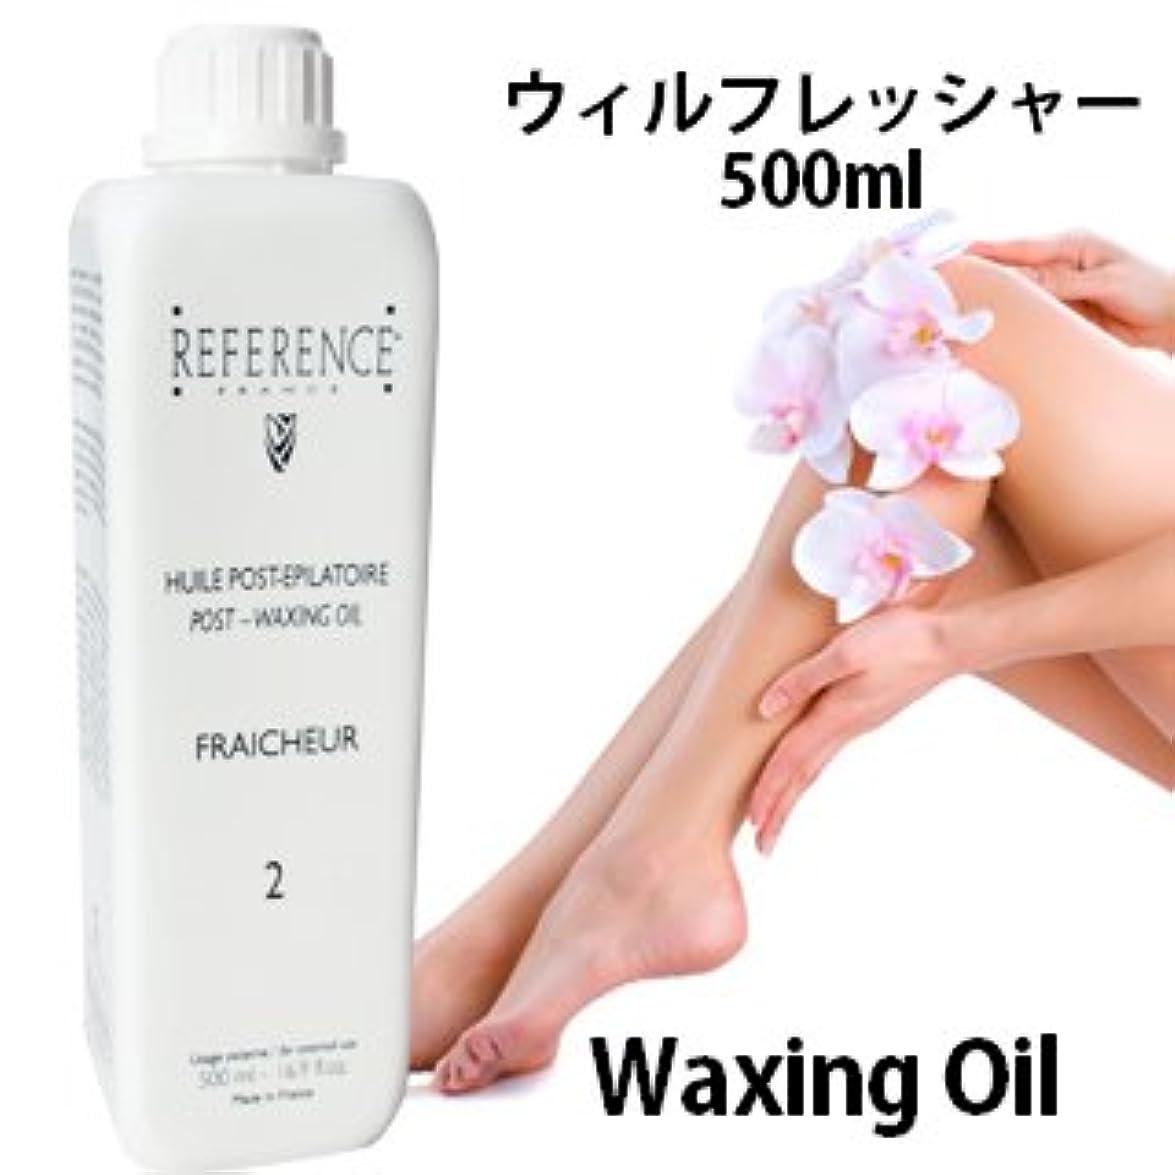 ユーザー内なる六月【ウィルフレッシャー】500ml レファレンス REFERENCE Waxing Oil ※お取り寄せ商品